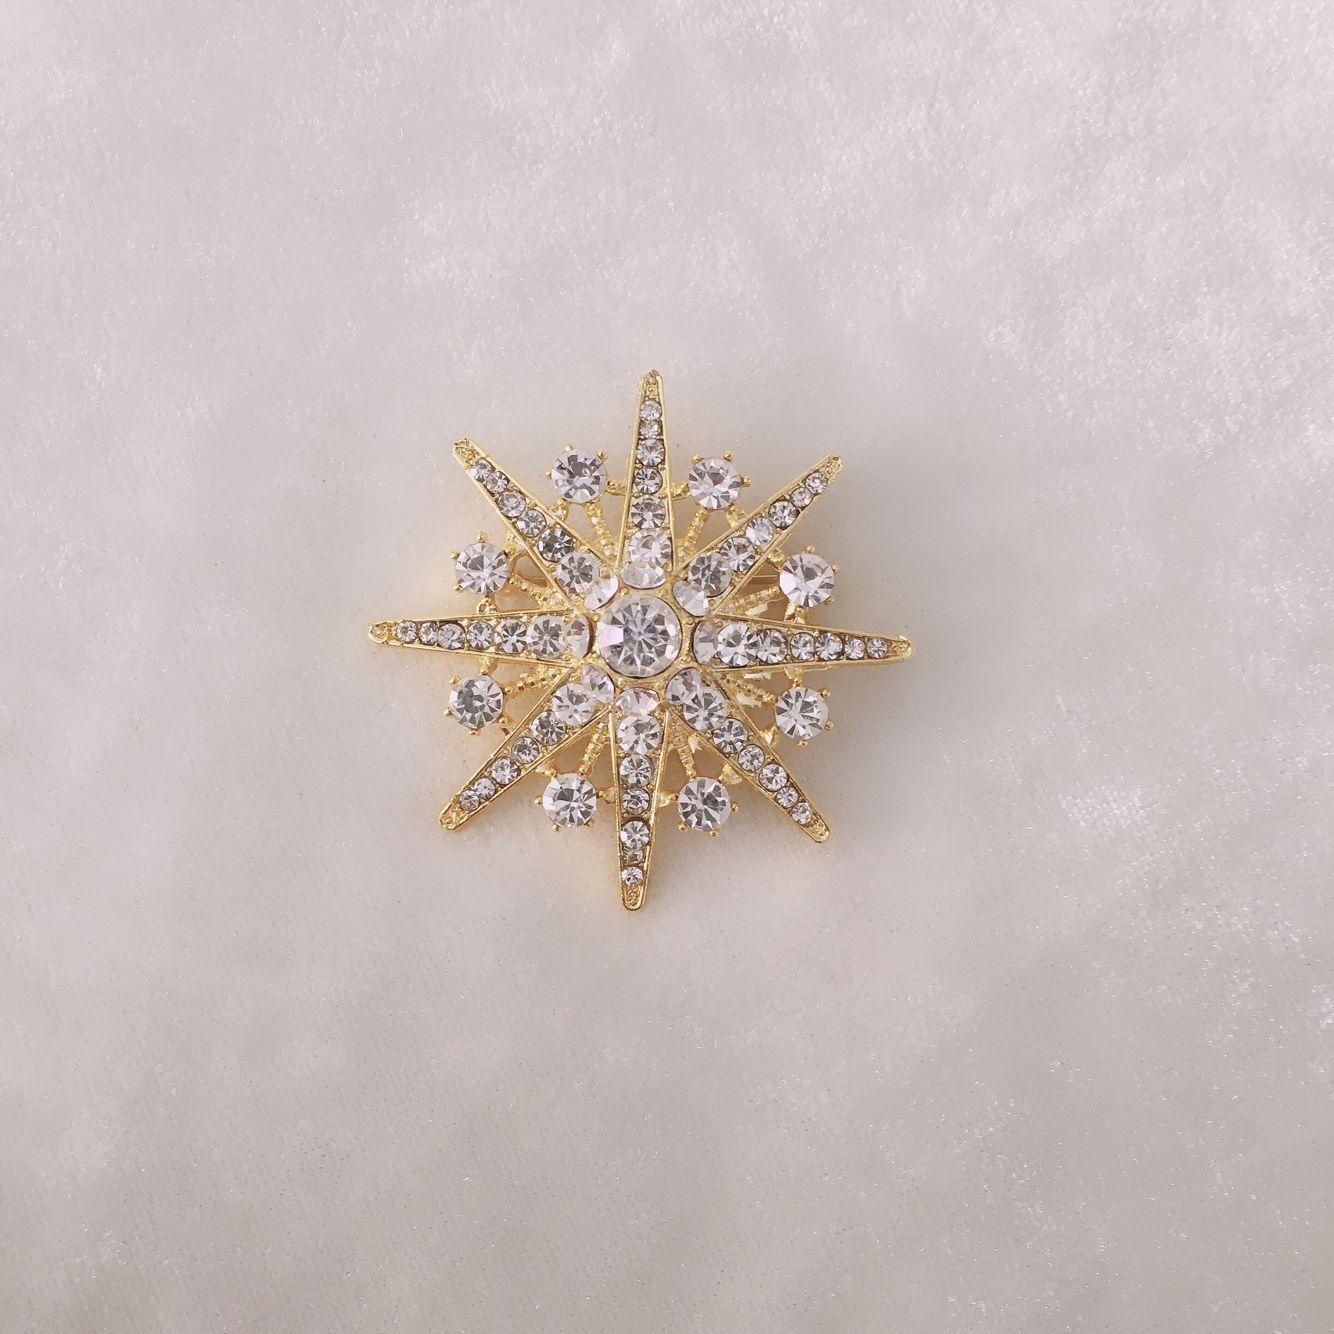 韩国精美满钻职业西服钻石星星胸针女衣饰配饰品胸花简约款别针扣